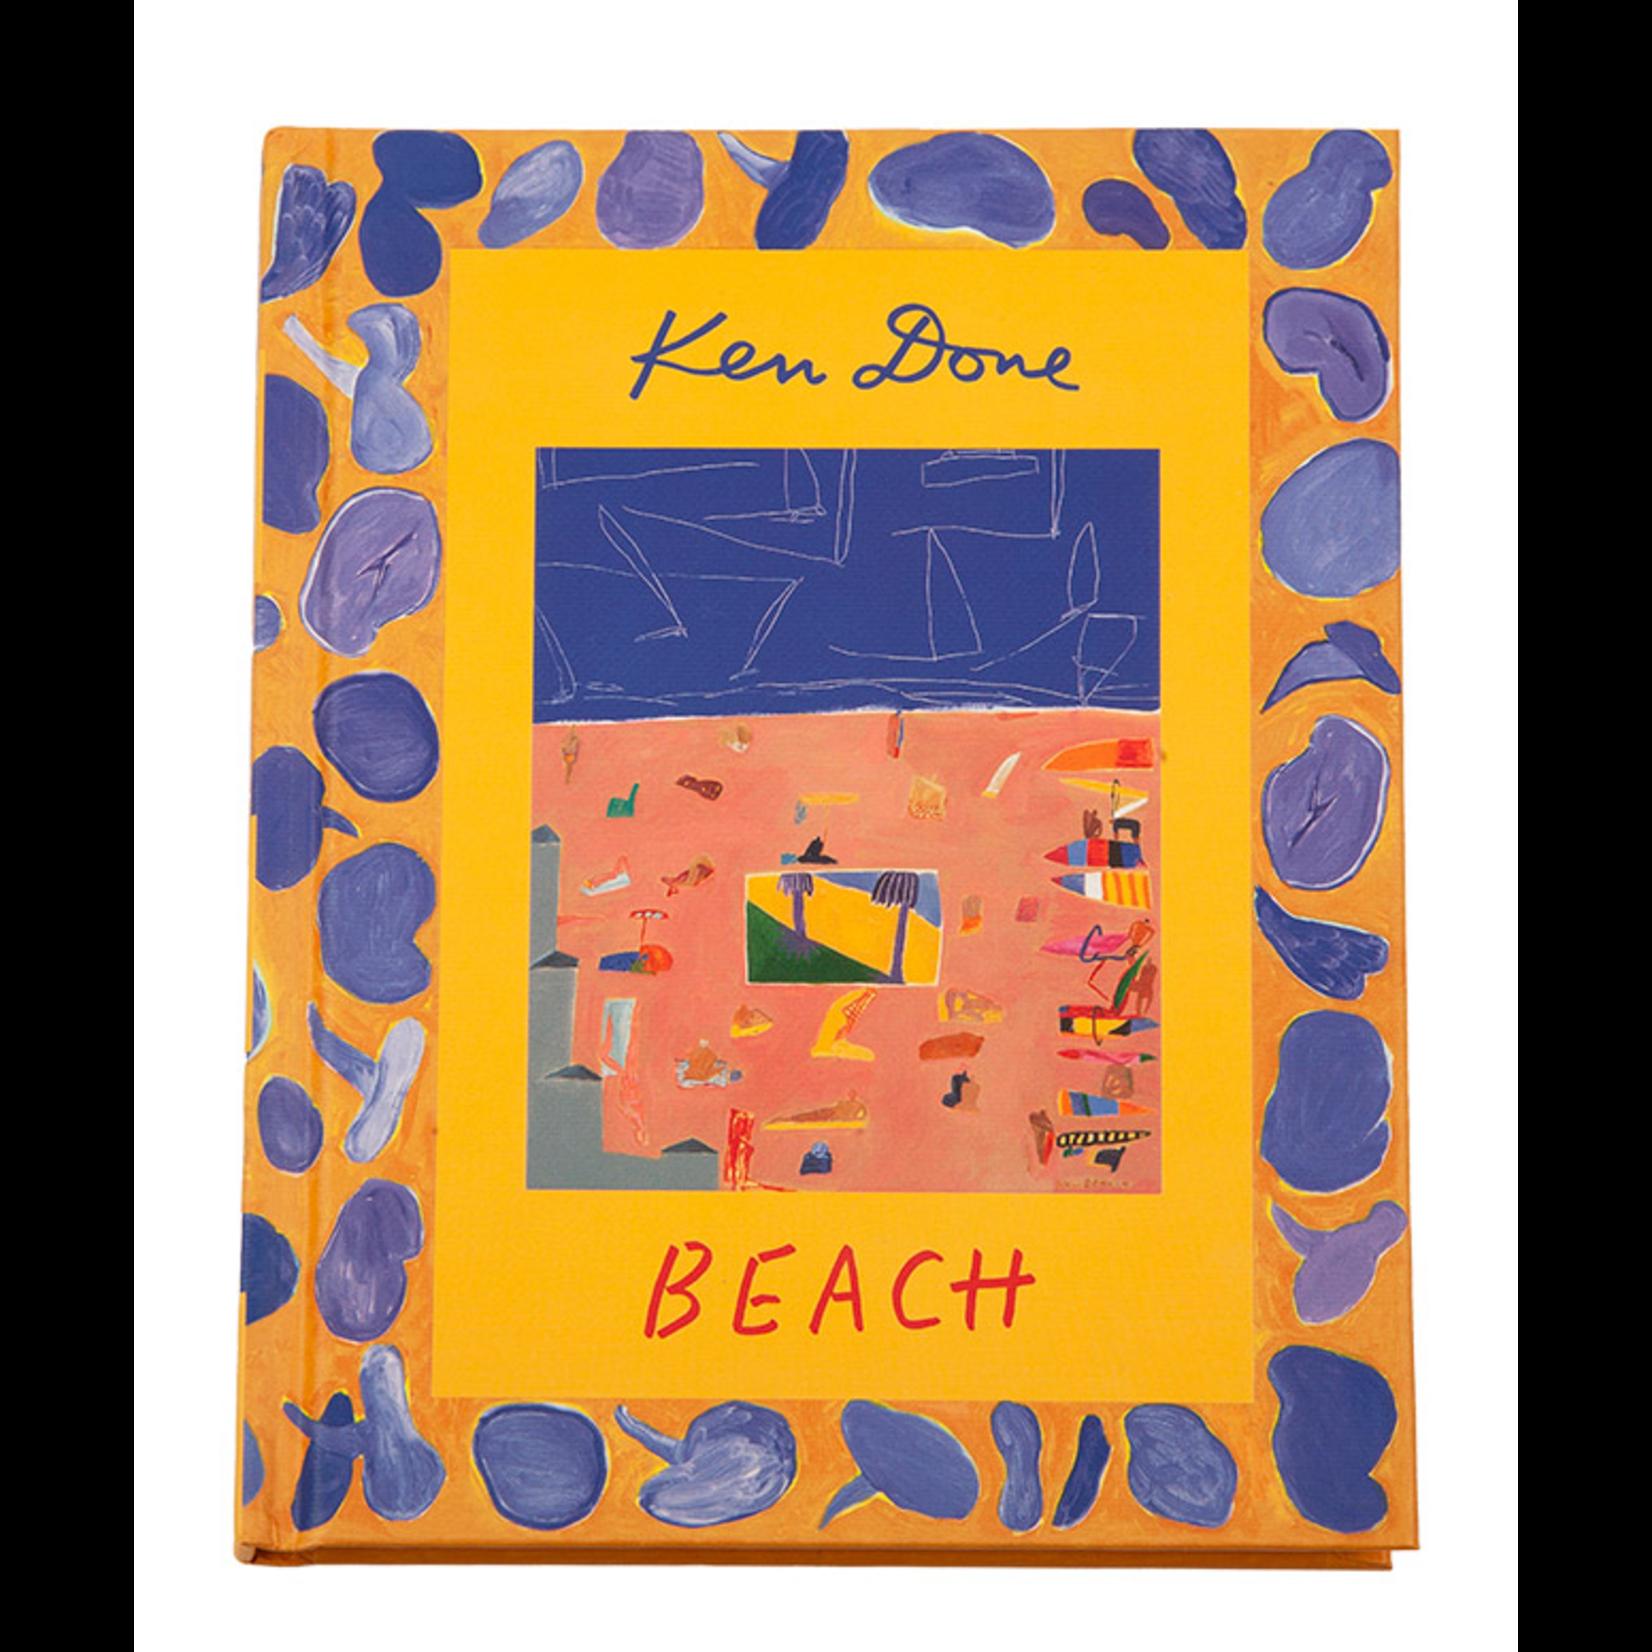 Books & Stationery Book - Ken Done - Beach - Hardcover mini book